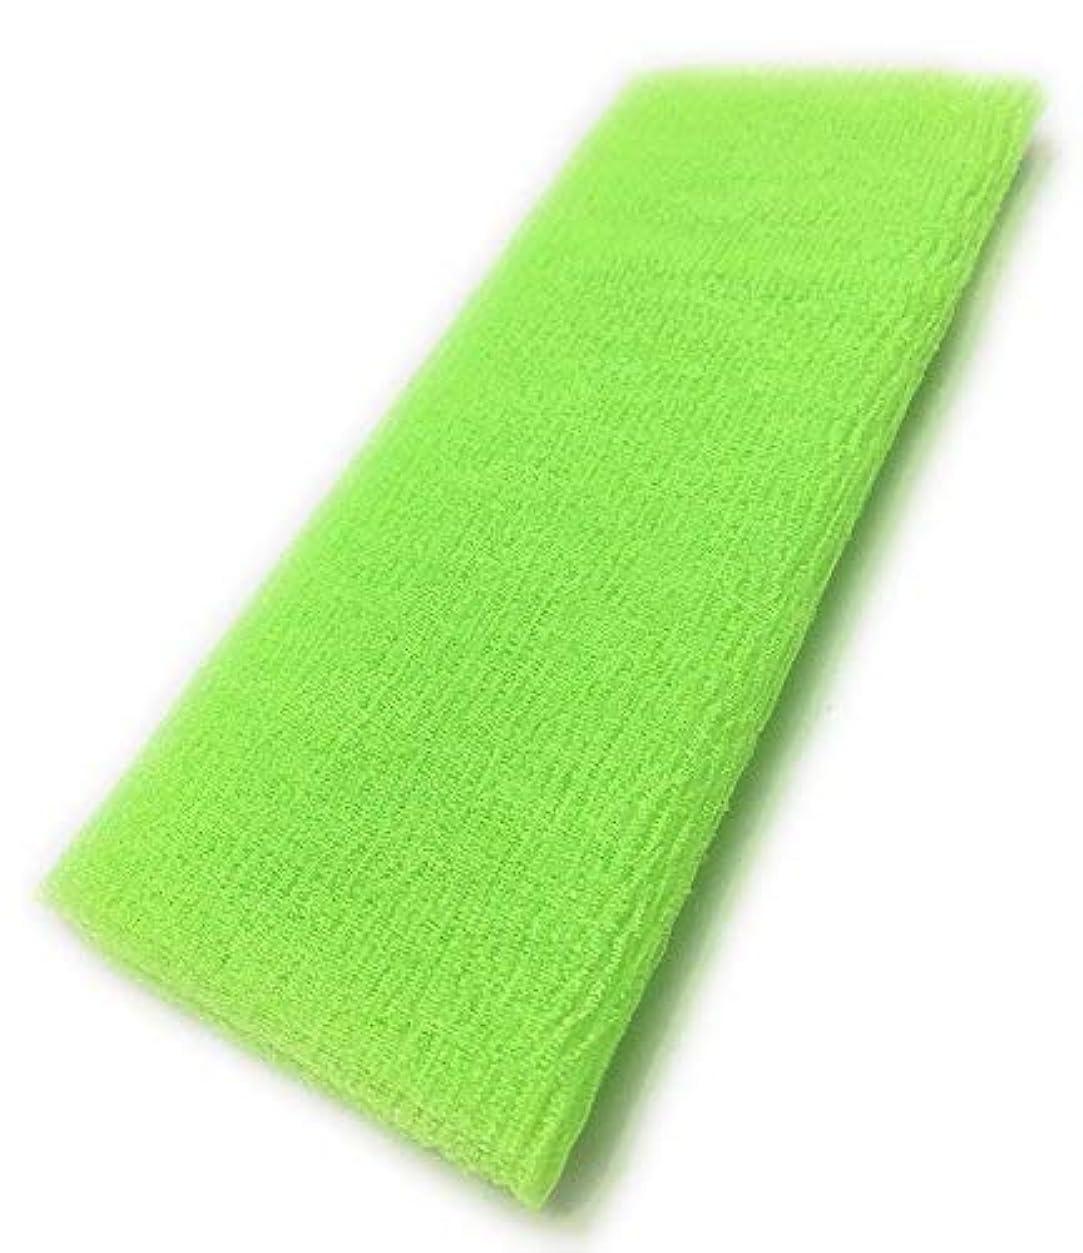 処分した私たち定期的Maltose あかすりタオル ボディタオル ロングボディブラシ やわらか 濃密泡 背中 お風呂用 メンズ 4色 (グリーン)